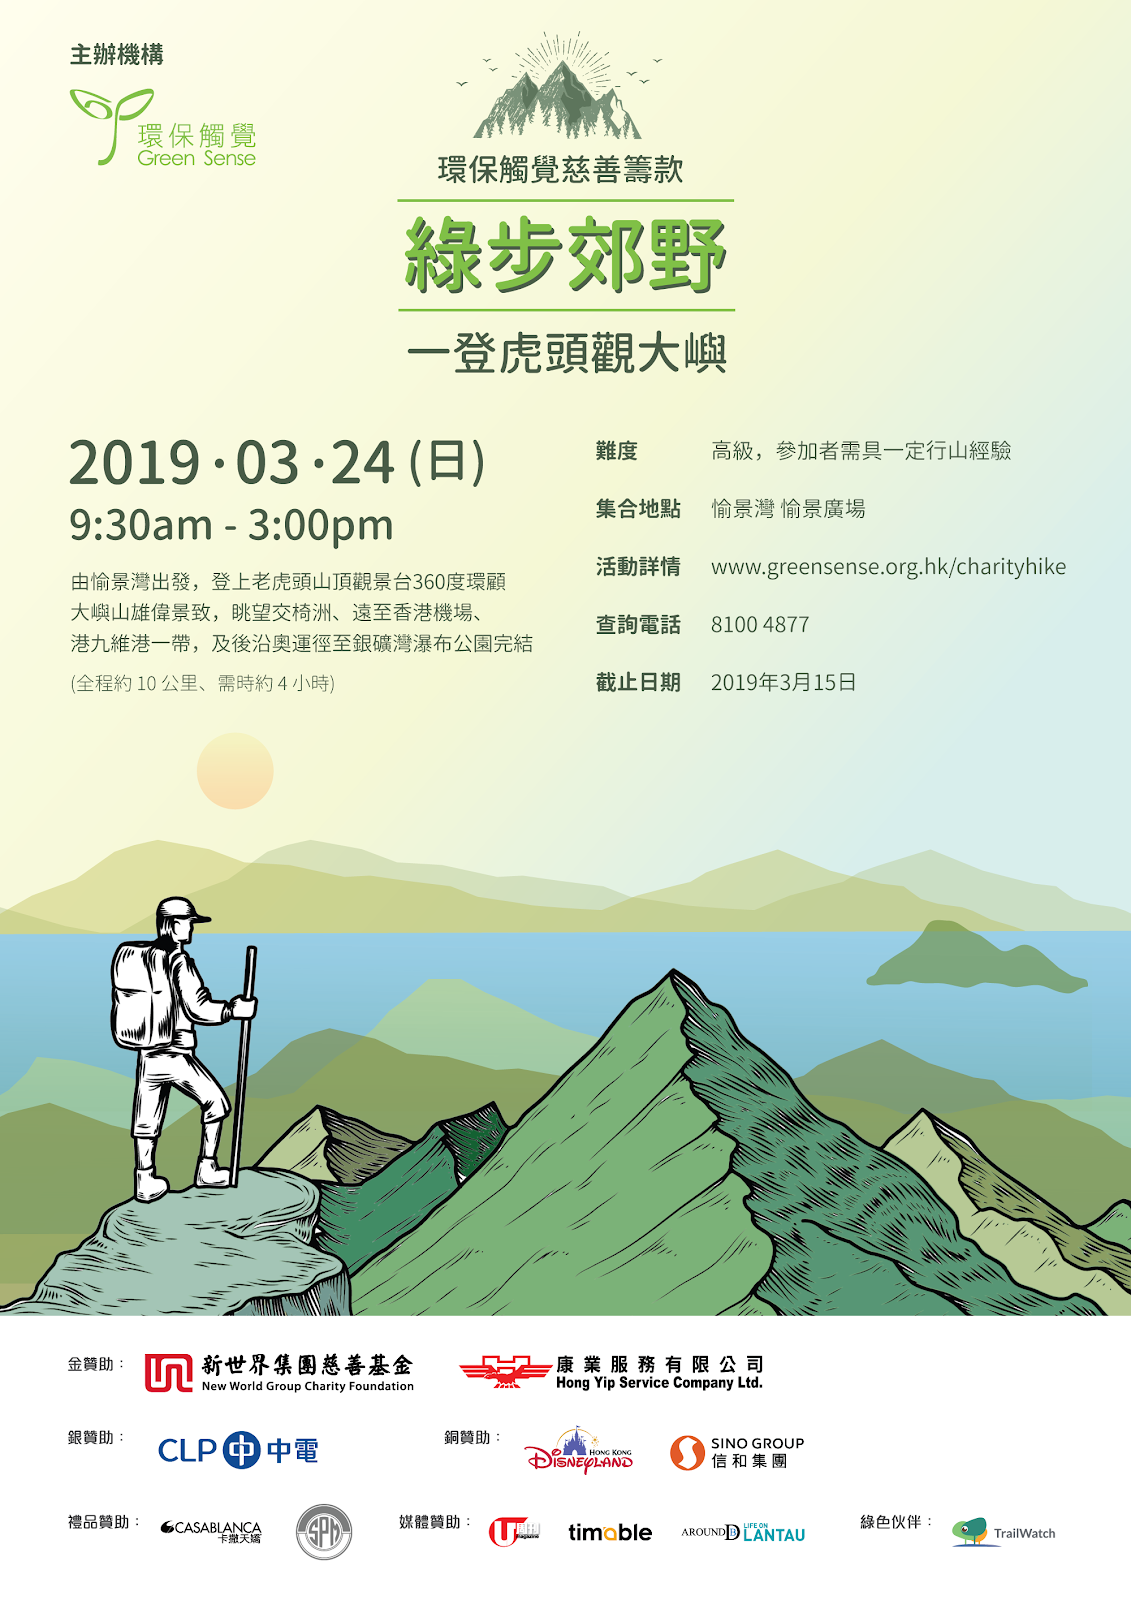 過往活動:環保觸覺「綠步郊野2019」